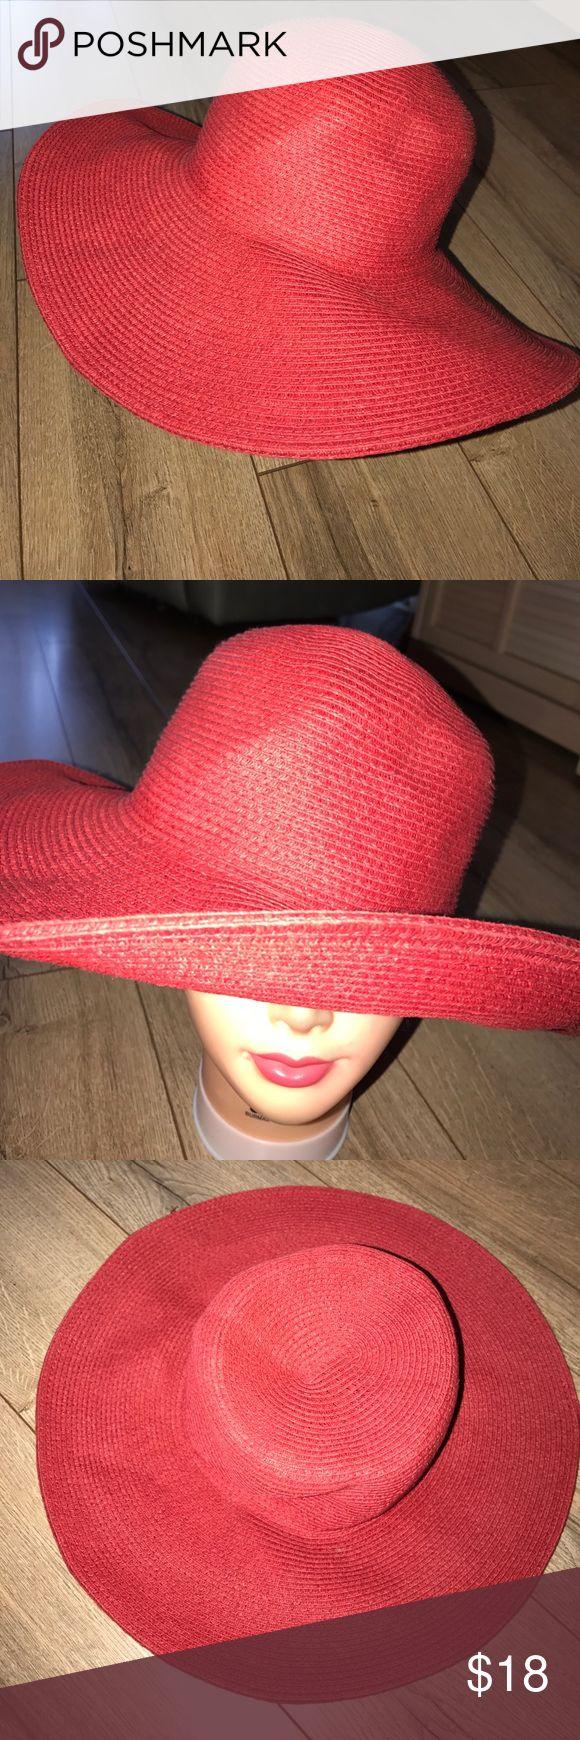 Bijoux red floppy summer hat Red floppy straw hat bijoux terner Accessories Hats